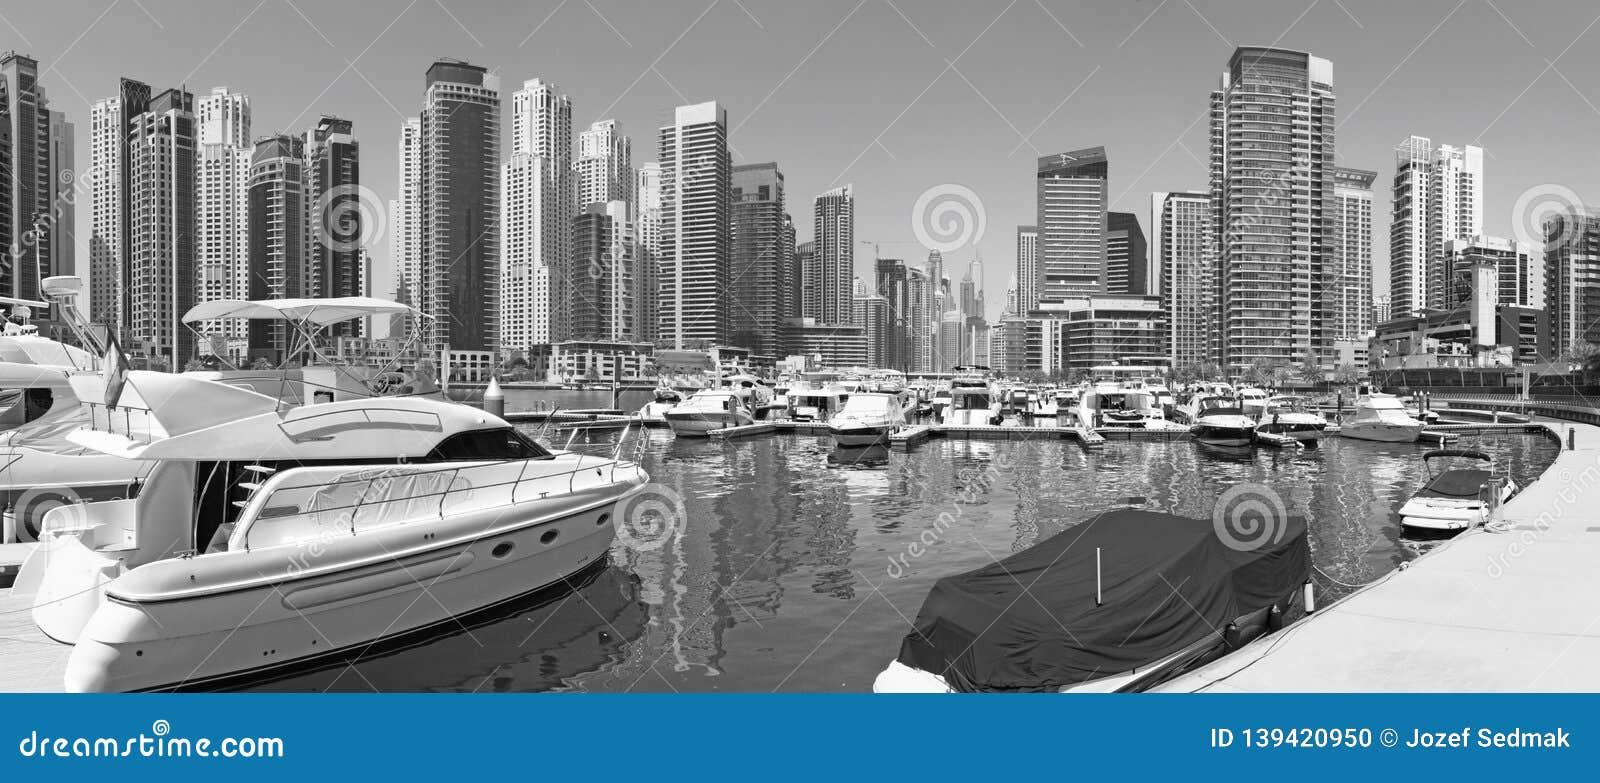 迪拜-小游艇船坞和游艇全景